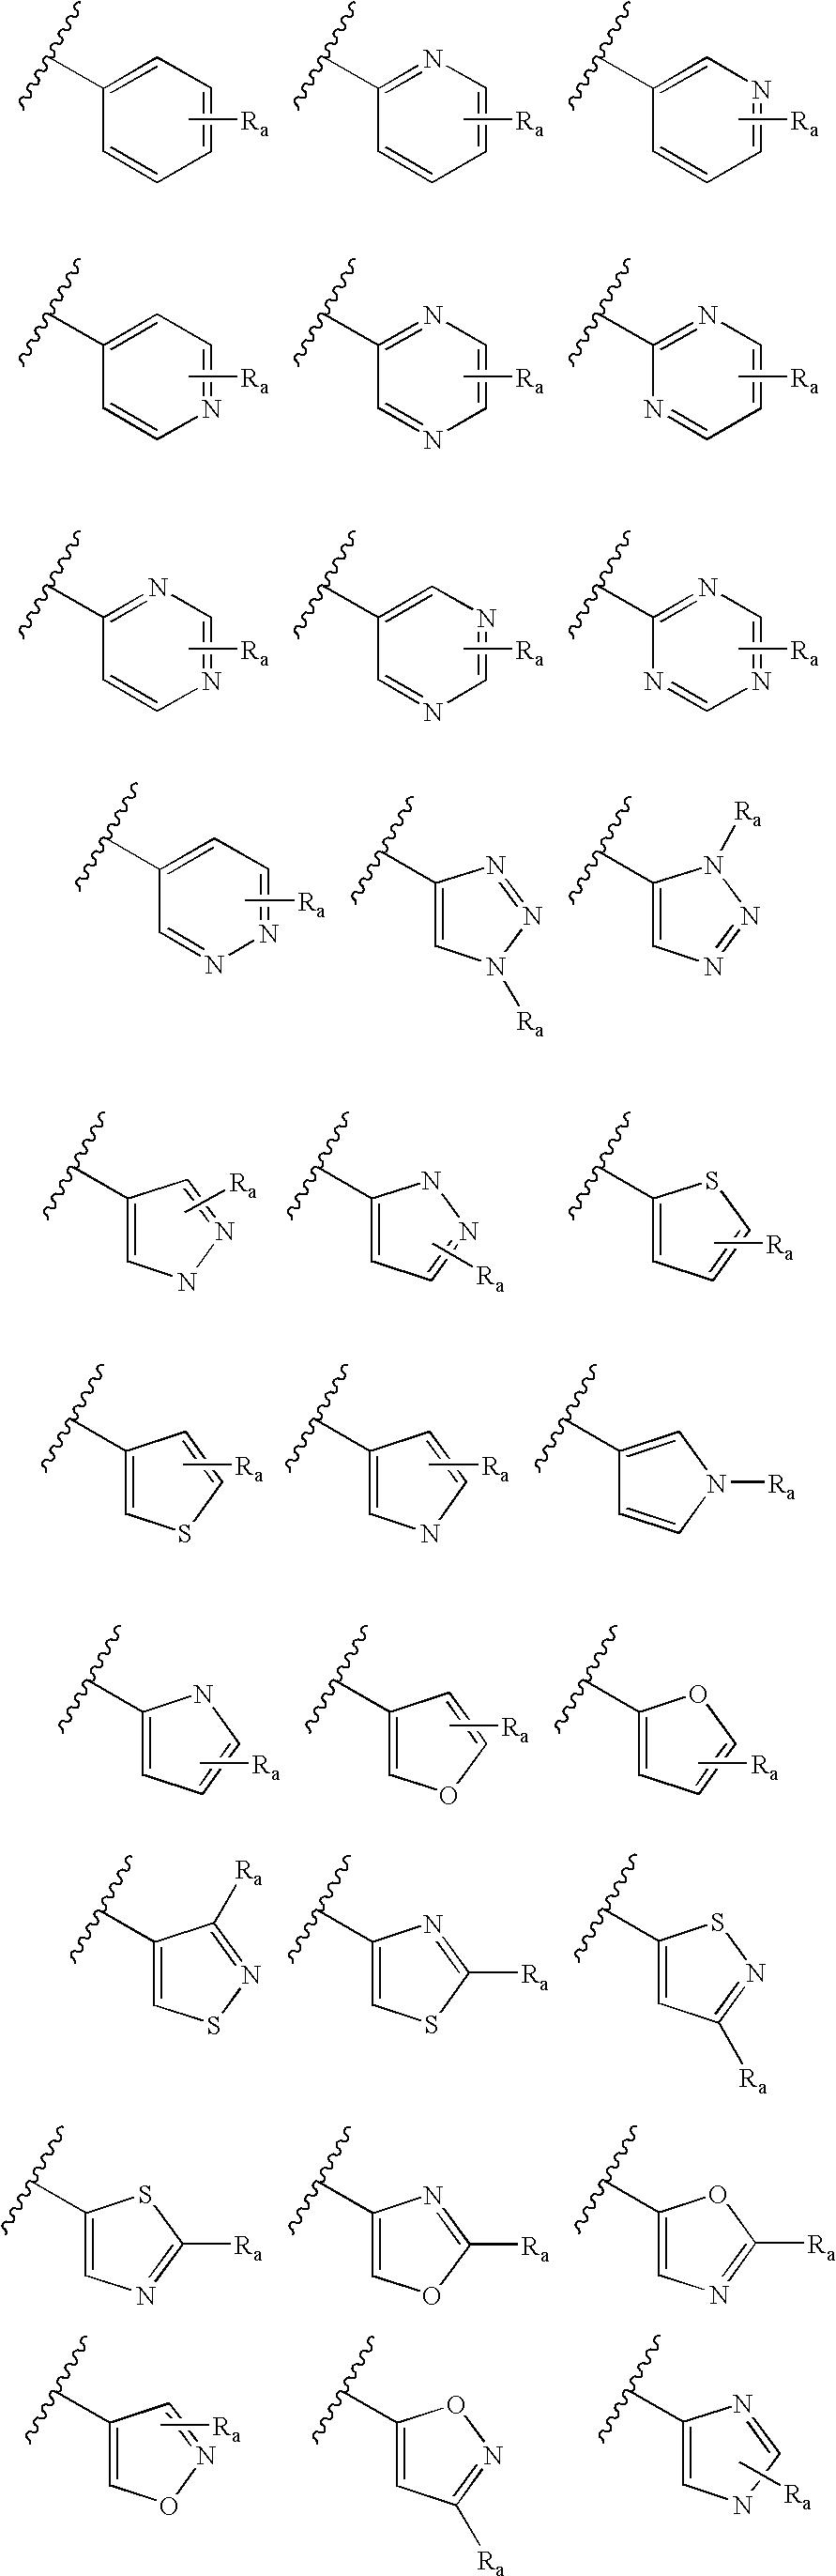 Figure US20070015748A1-20070118-C00004